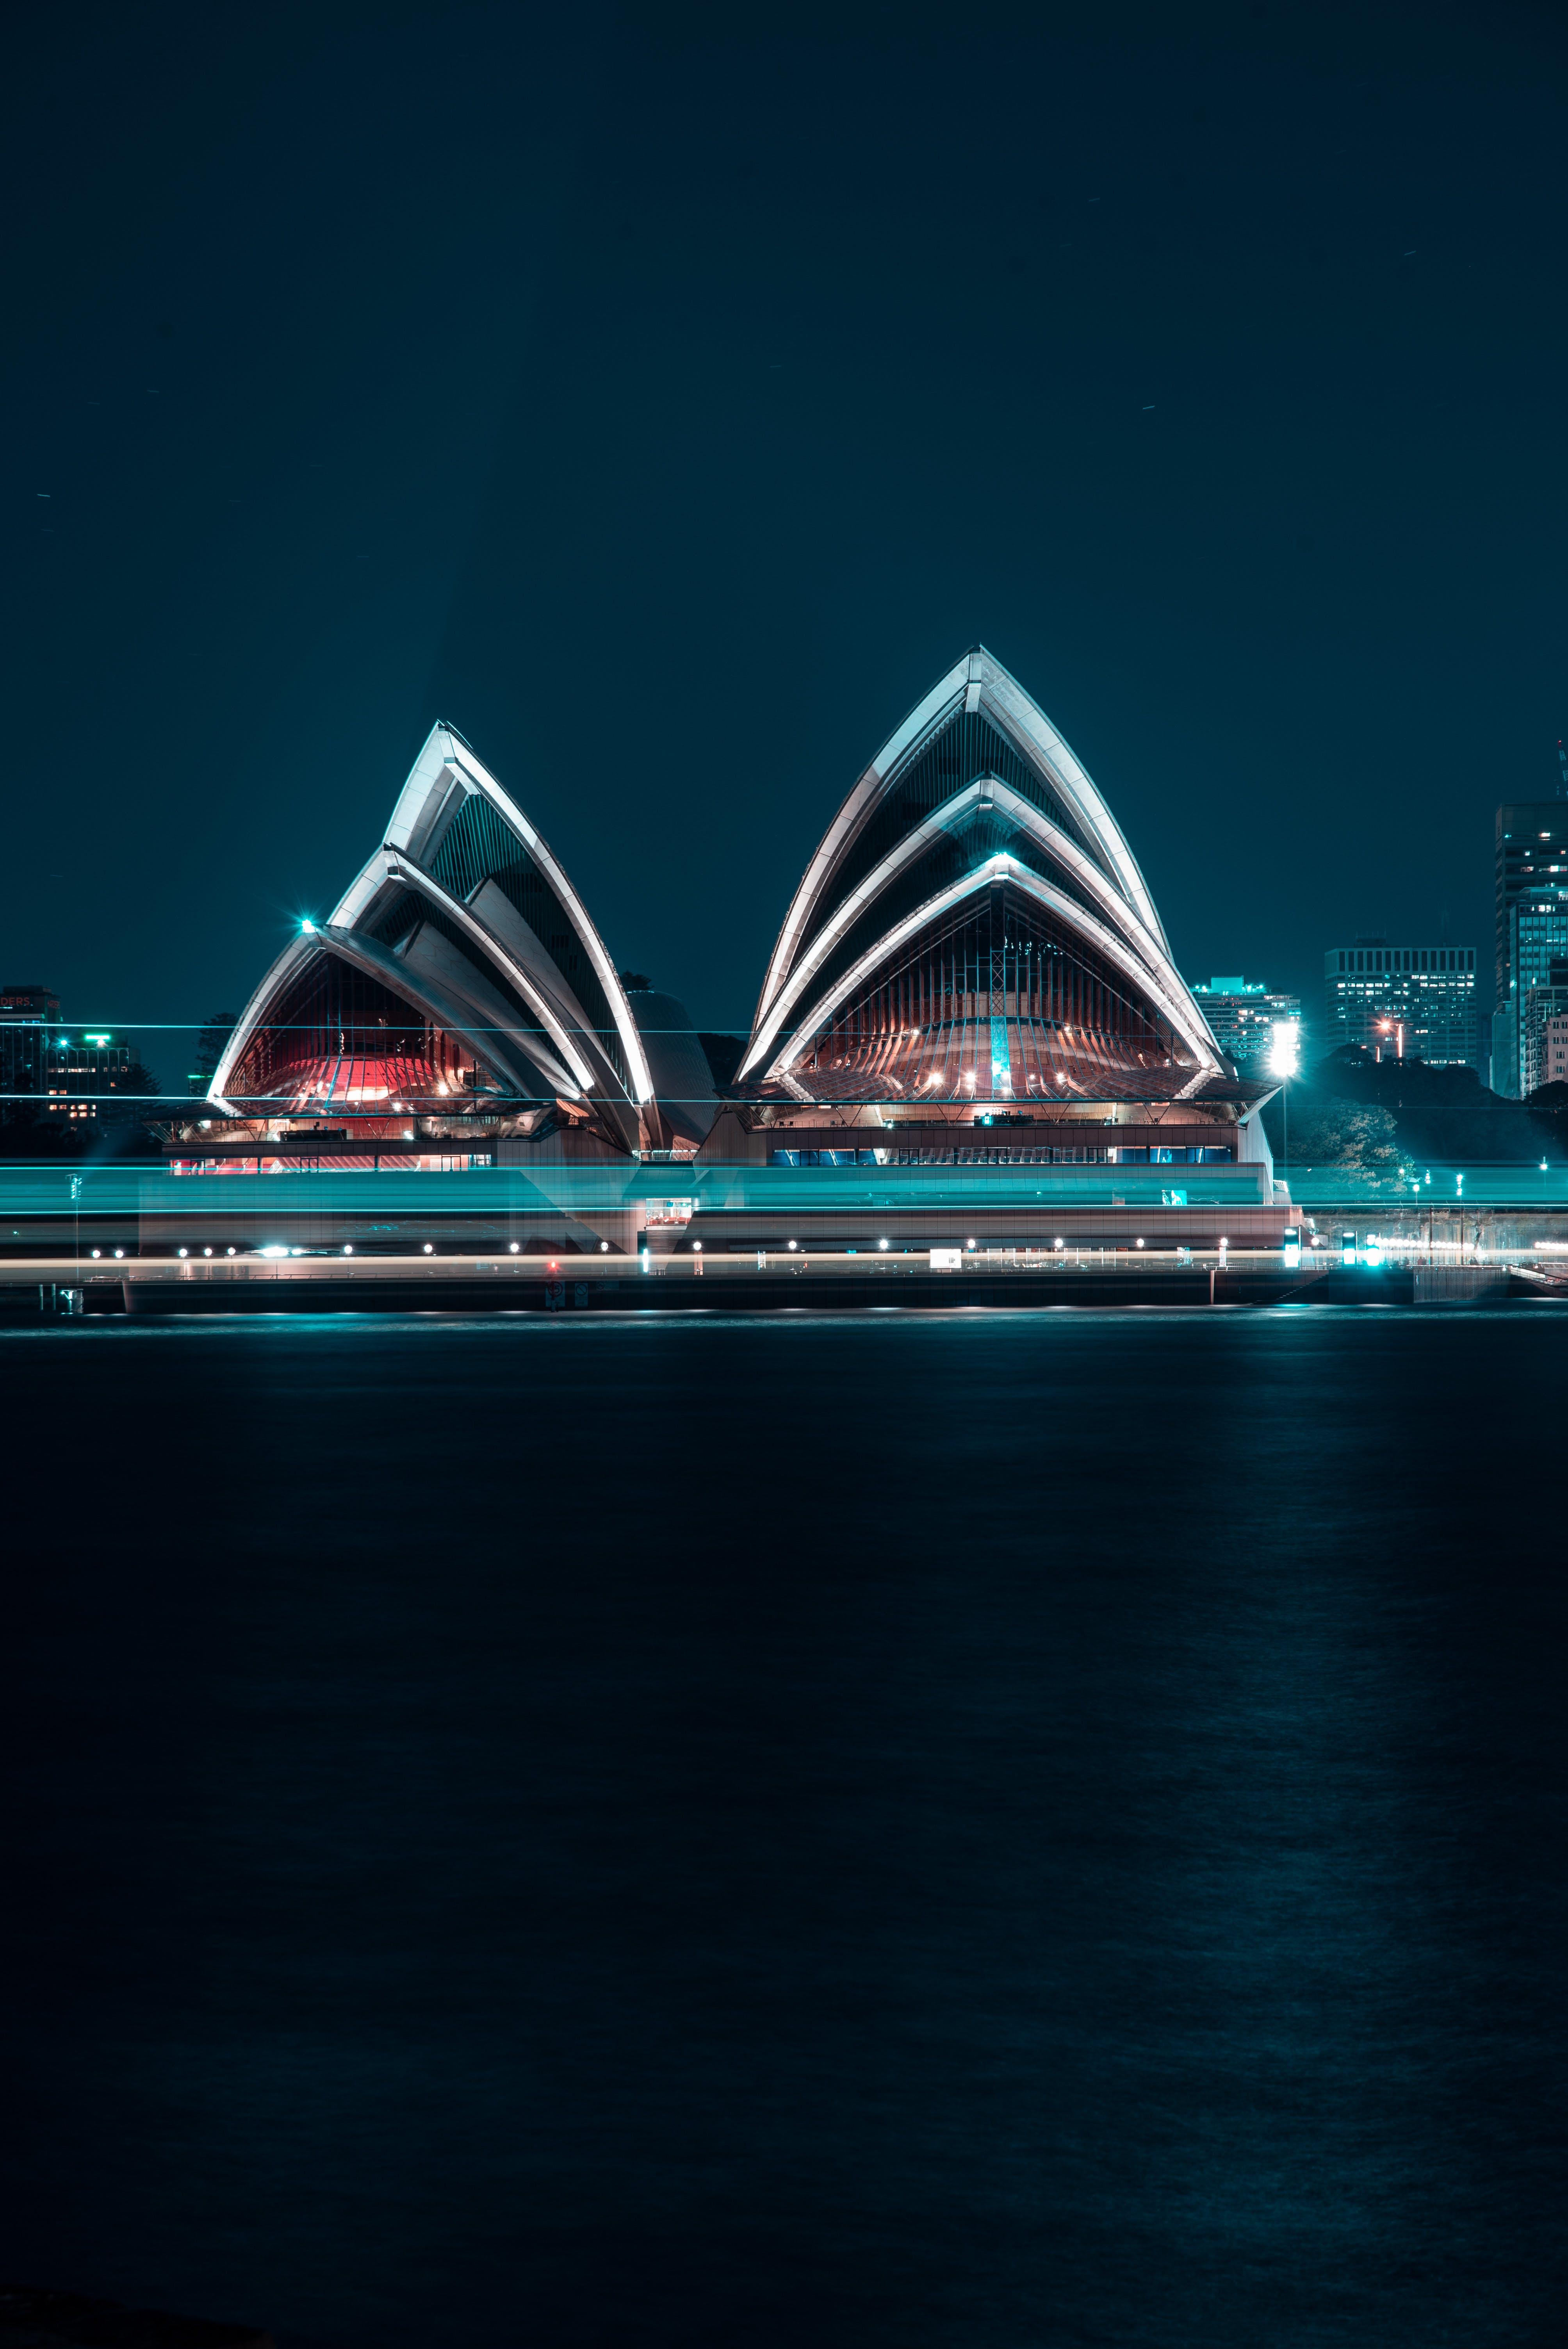 Δωρεάν στοκ φωτογραφιών με απόγευμα, αρχιτεκτονική, αστικός, Αυστραλία